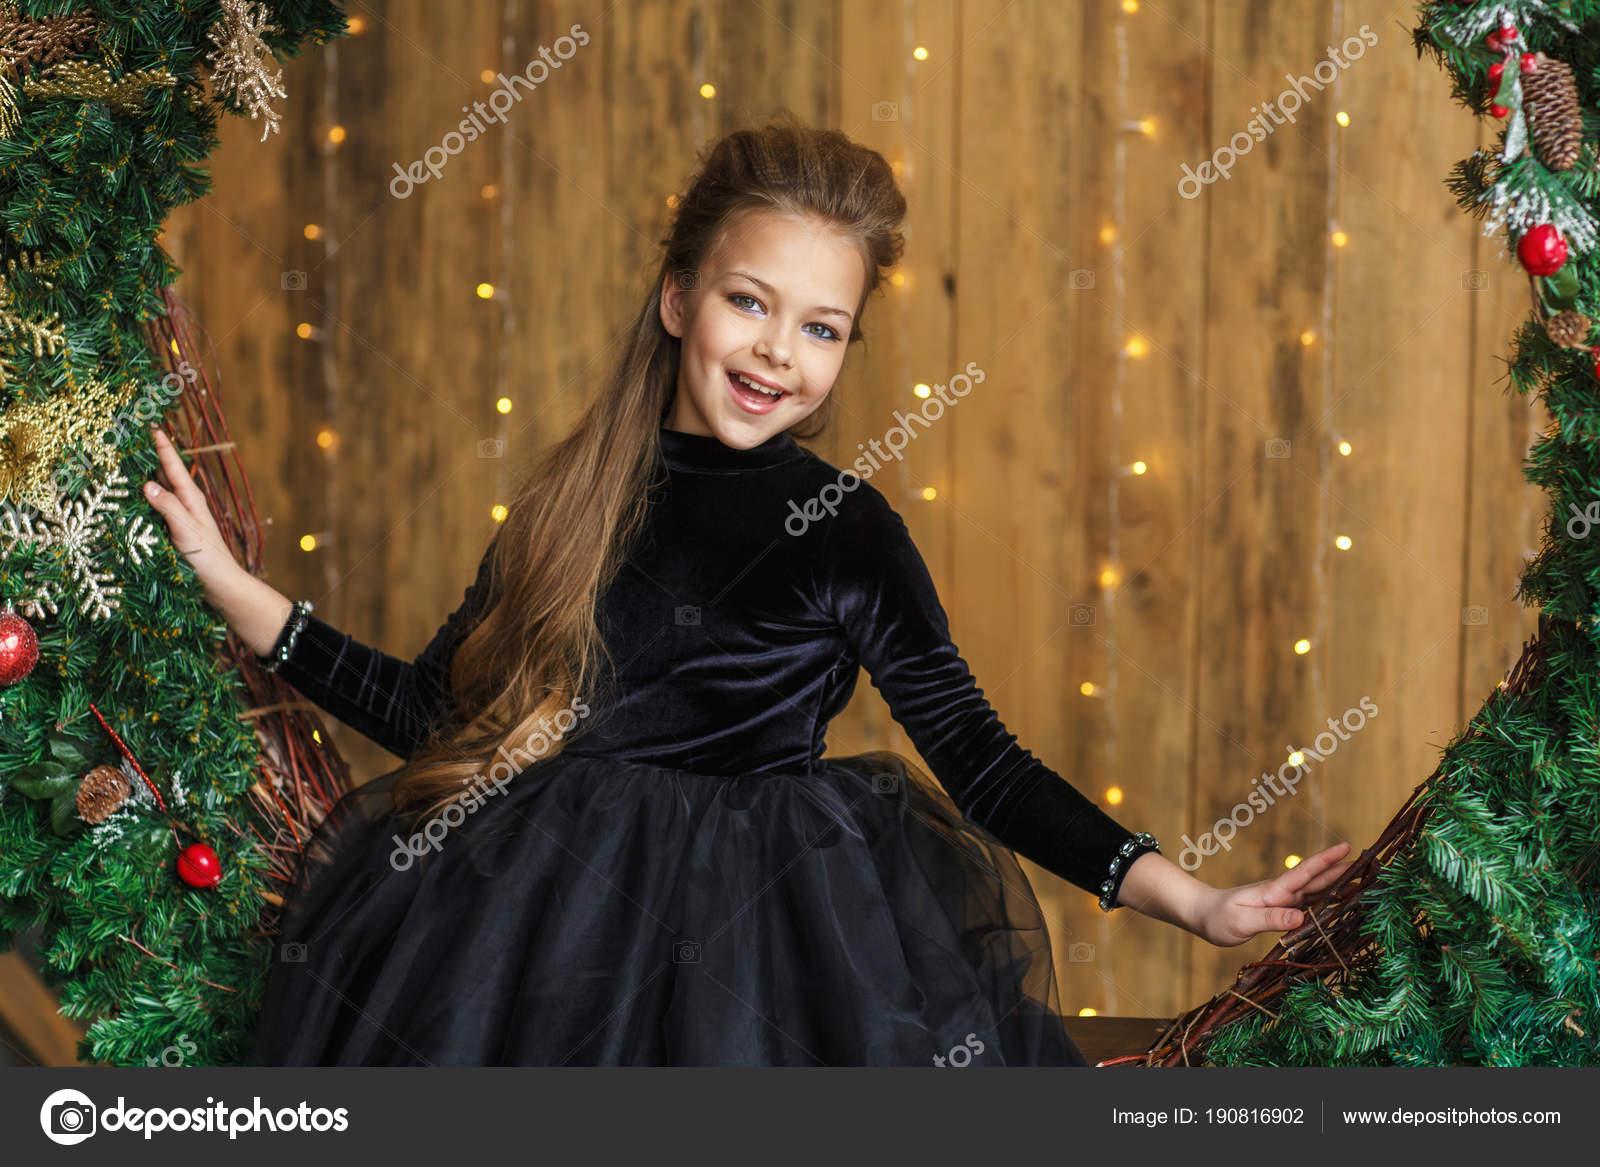 Vonzó Kis Lány Fekete Ruha Egy Karácsonyi Koszorú — Stock Fotó ... 28fc7df5e7